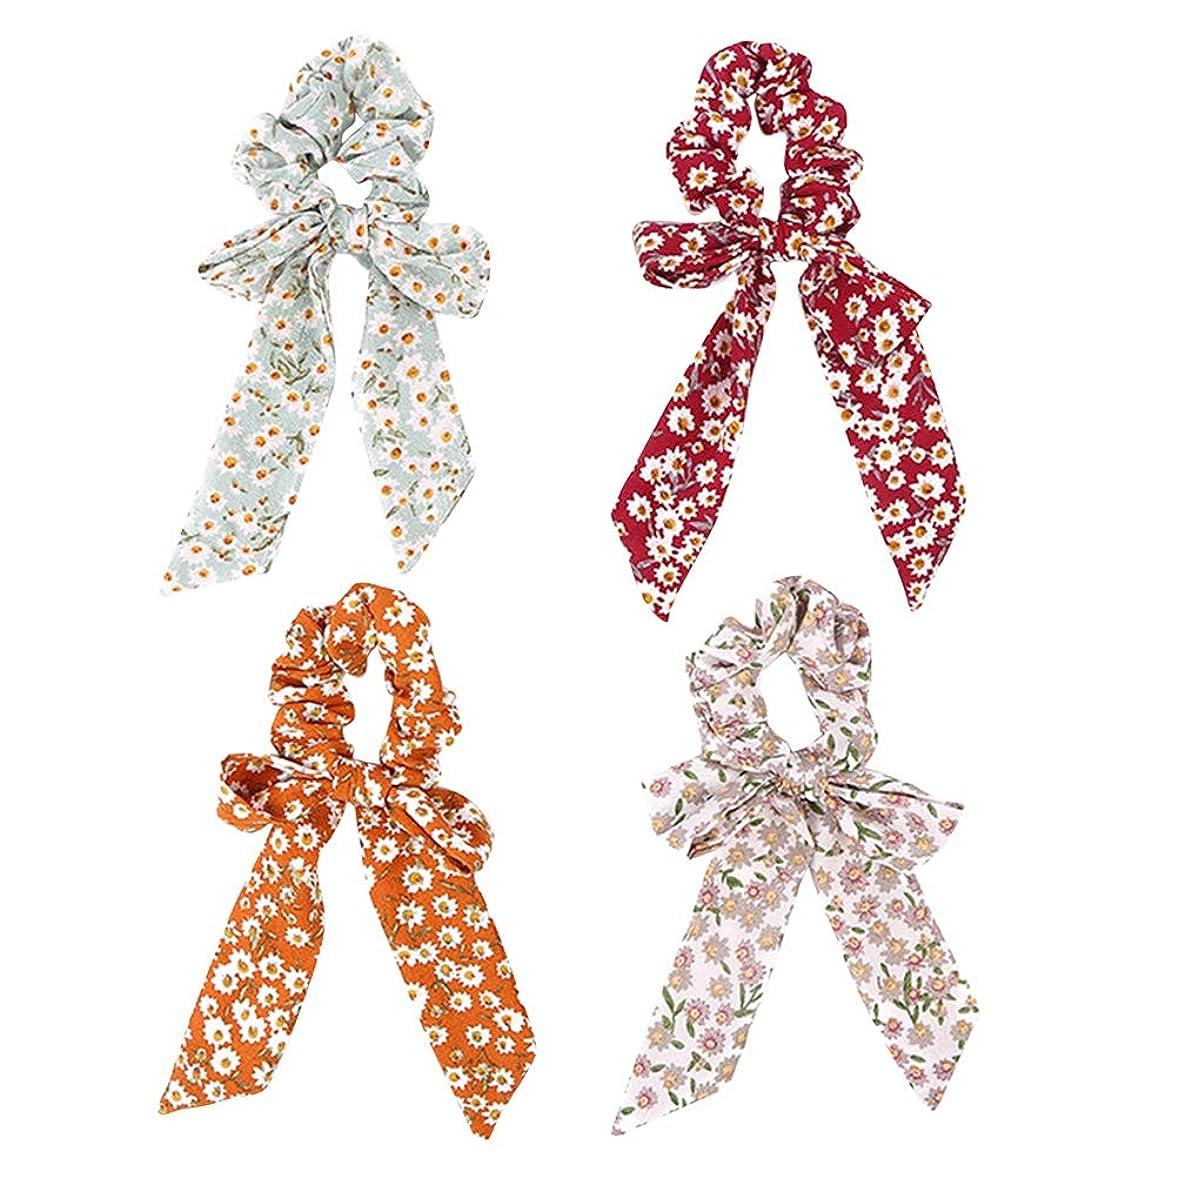 埋め込む奇跡的な予定Frcolor 4本 ちょう結び弾性髪ネクタイ 華やかなヘアバンド 弾性伸縮性のある ヘアネクタイ 女の子ヘアアクセサリー(白 黄色 赤 緑)